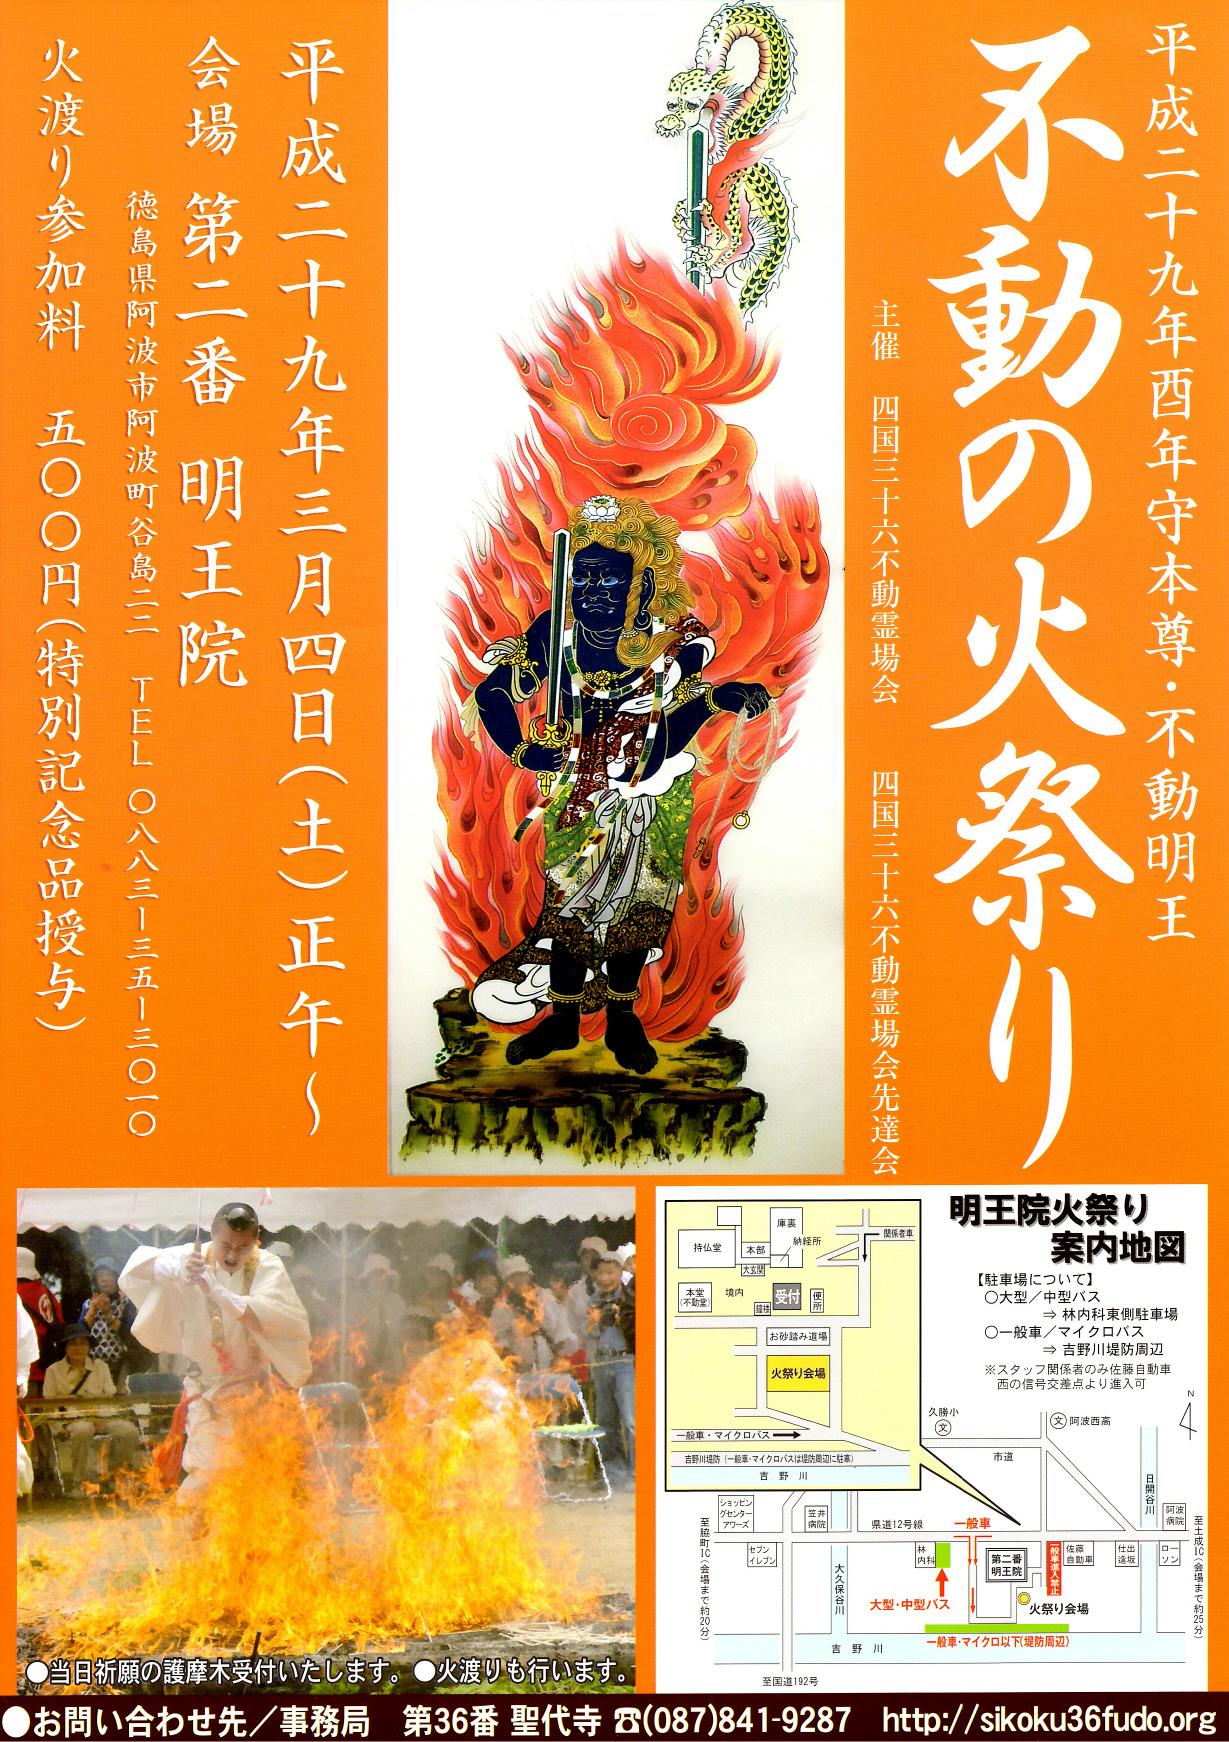 平成29年不動の火祭りポスター(j)